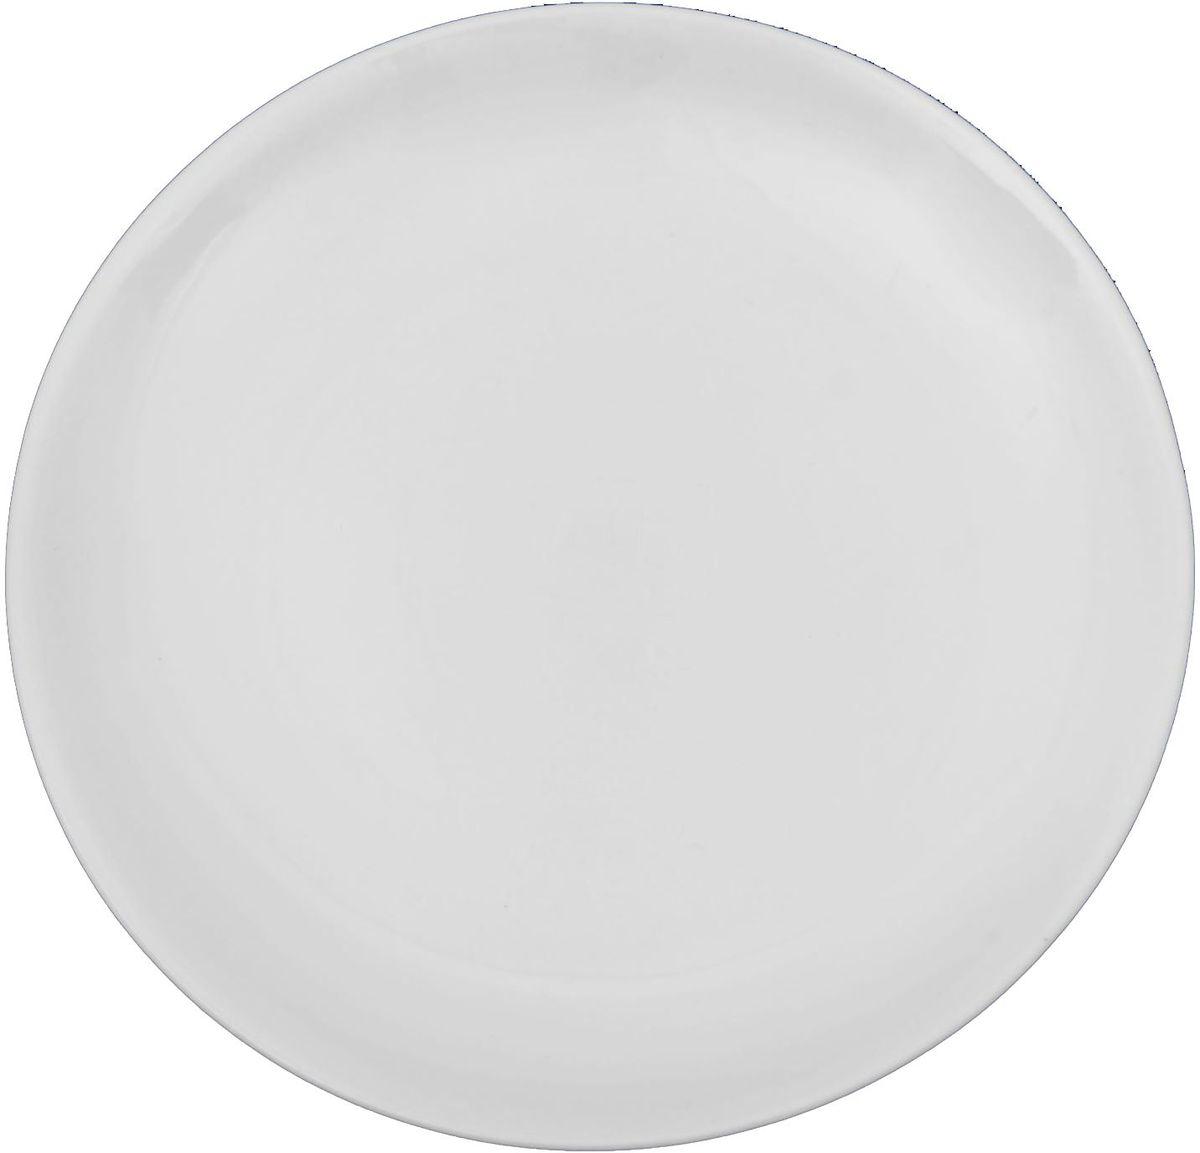 Тарелка Turon Porcelain Классика, диаметр 19,5 см034392Тарелка Turon Porcelain Классика выполнена из фарфора. Она подойдет для повседневной и праздничной сервировки. Дополните стол текстилем и салфетками в тон, чтобы получить элегантное убранство с яркими акцентами. Узбекская посуда известна всему миру уже более тысячи лет. Ей любовались царские особы, на ней подавали еду шейхам и знатным персонам. Формула глазури передается из поколения в поколение. По сей день качественные изделия продолжают восхищать своей идеальной формой.